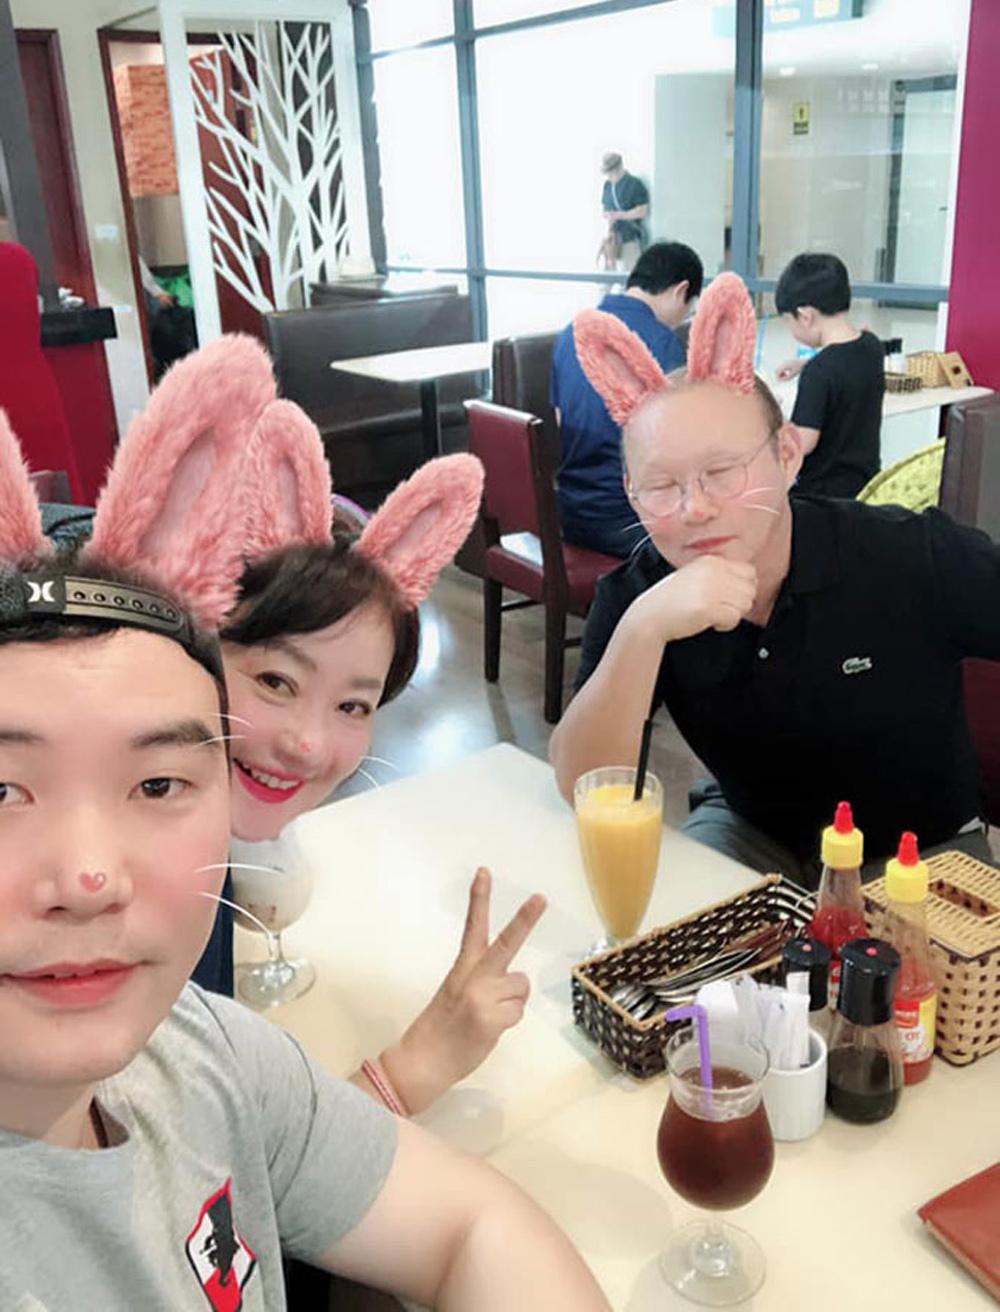 Con trai HLV Park Hang Seo chia sẻ bất ngờ khi Việt Nam thắng Thái Lan